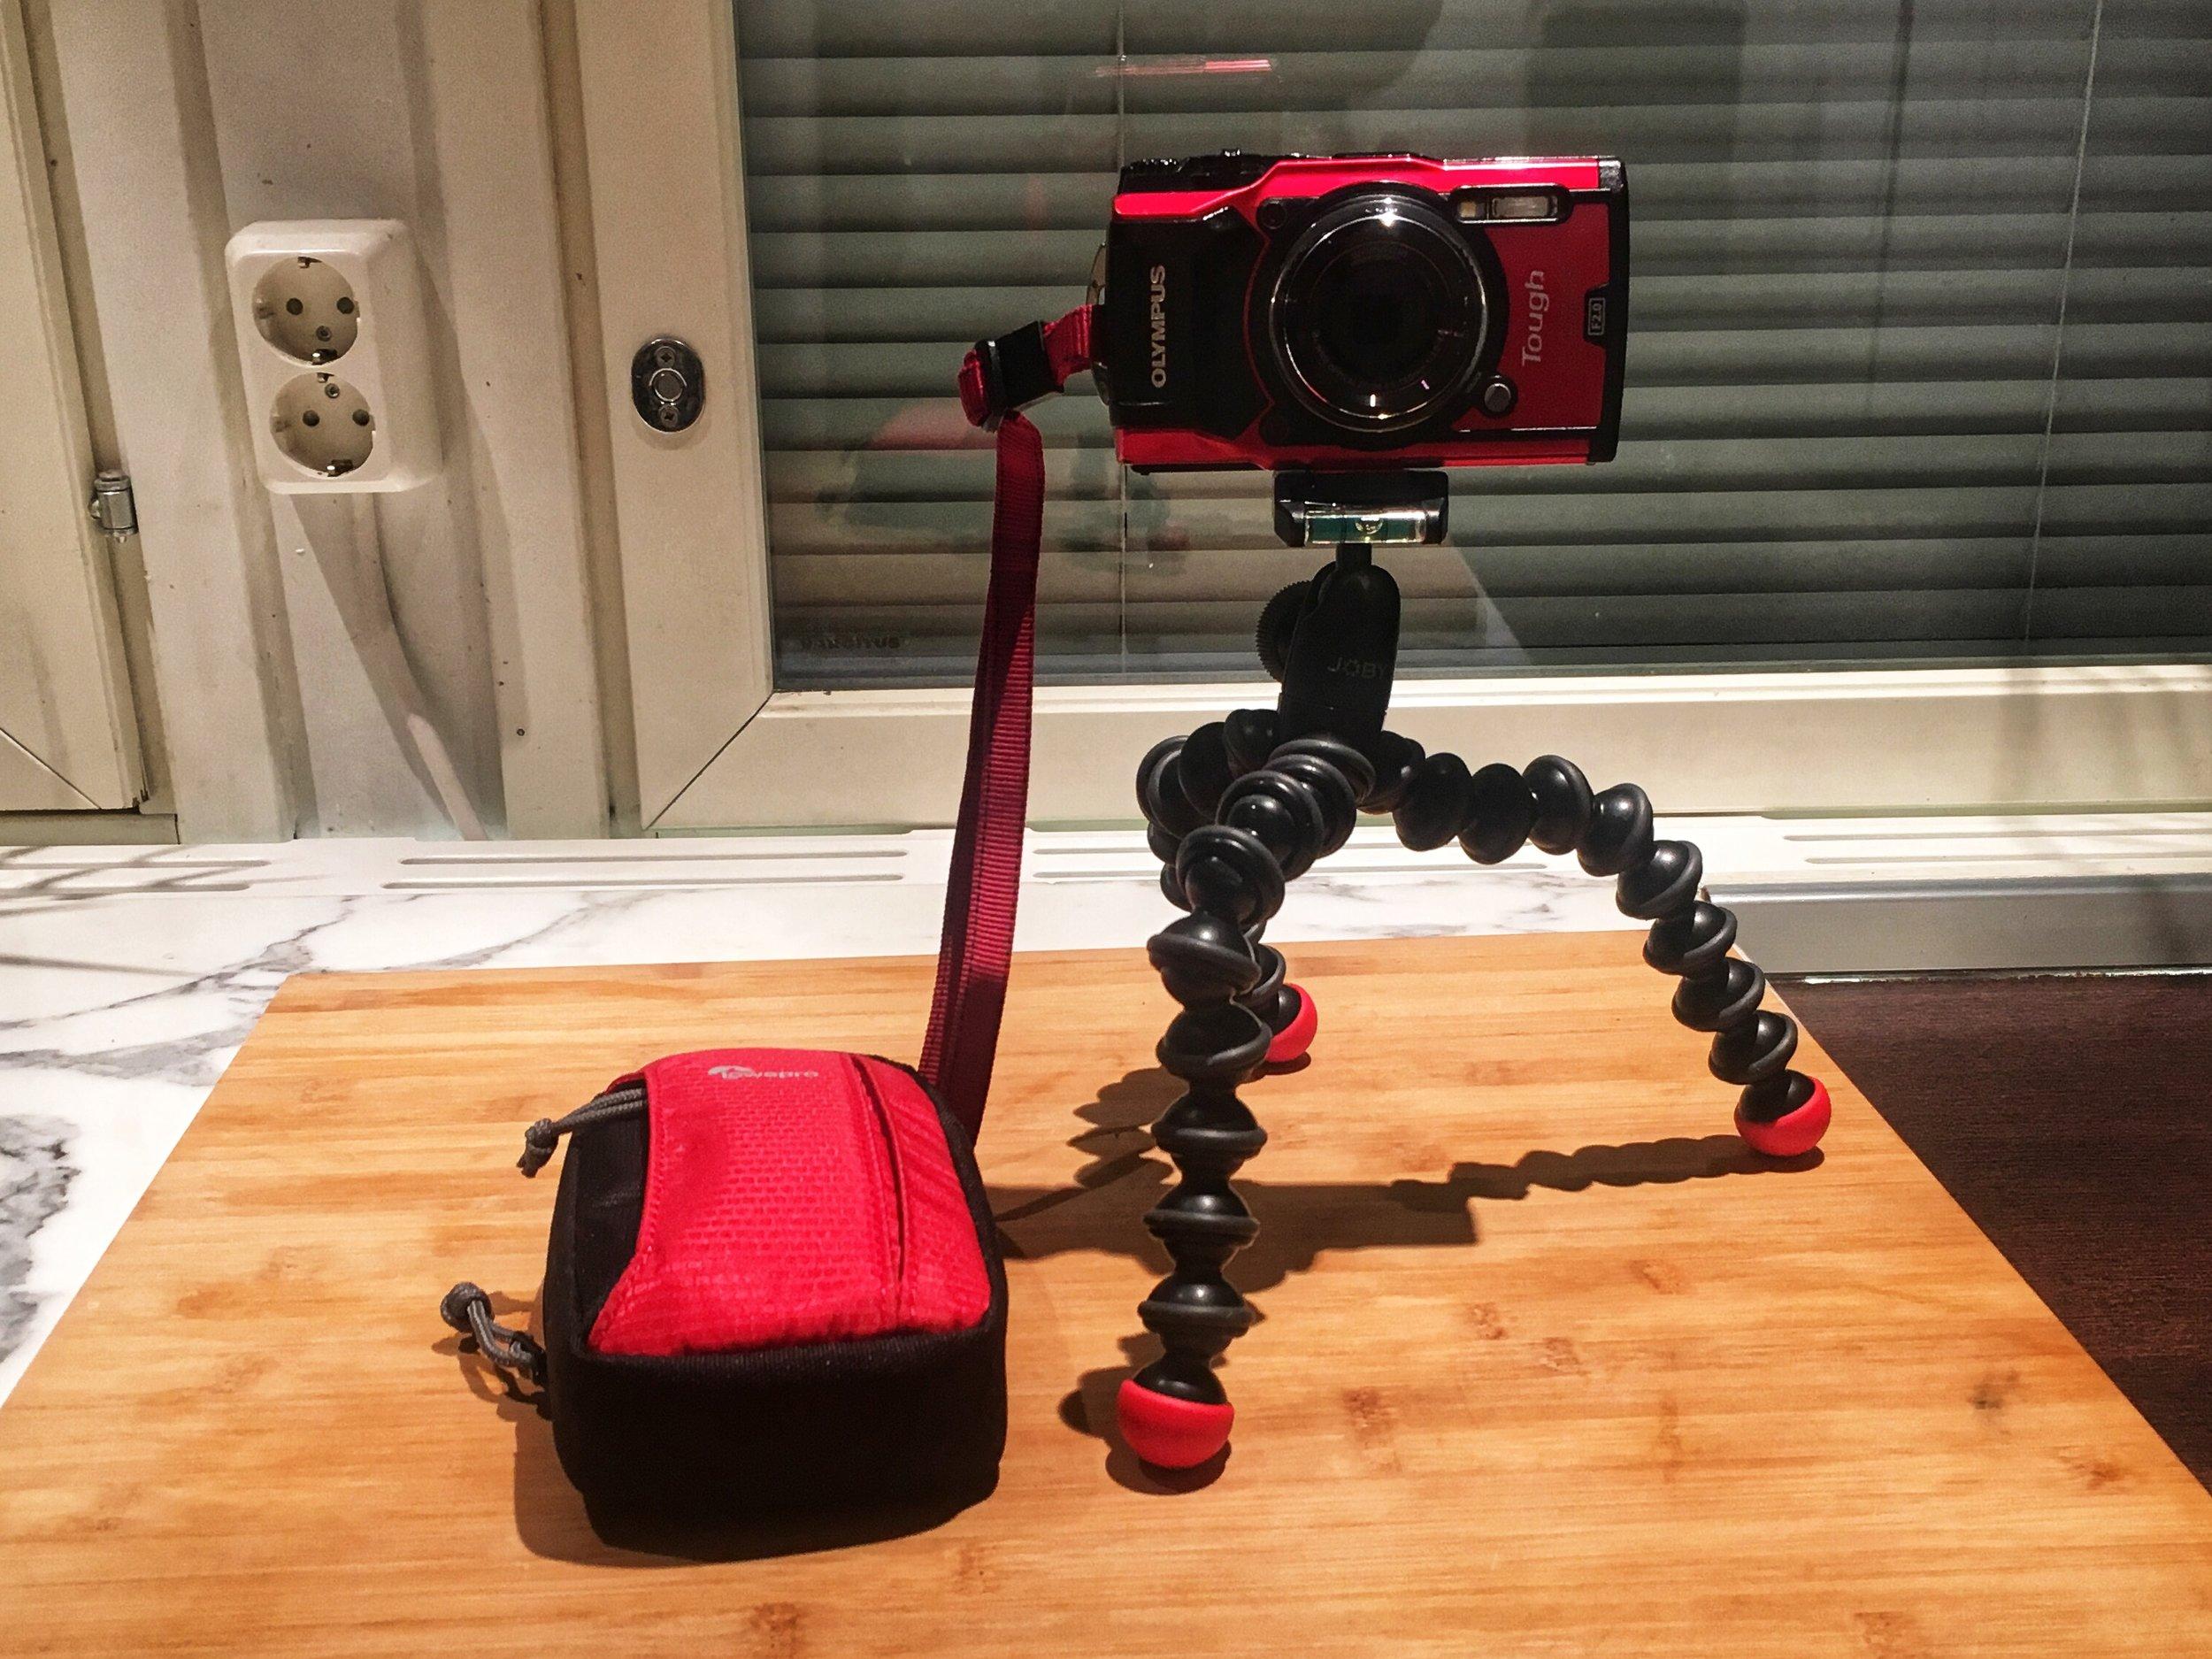 """Kamerana olen käyttänyt Olympuksen TG-5 mallia - kestää vettä 15 metrin syvyyteen, lämpötilavaihteluja ja iskuja + kuvanlaatu hyvä jopa jälkimuokkaukseen. Kuvassa näkyvä """"Joby"""" tripodi sopii niin kameraan kun GoProhon"""